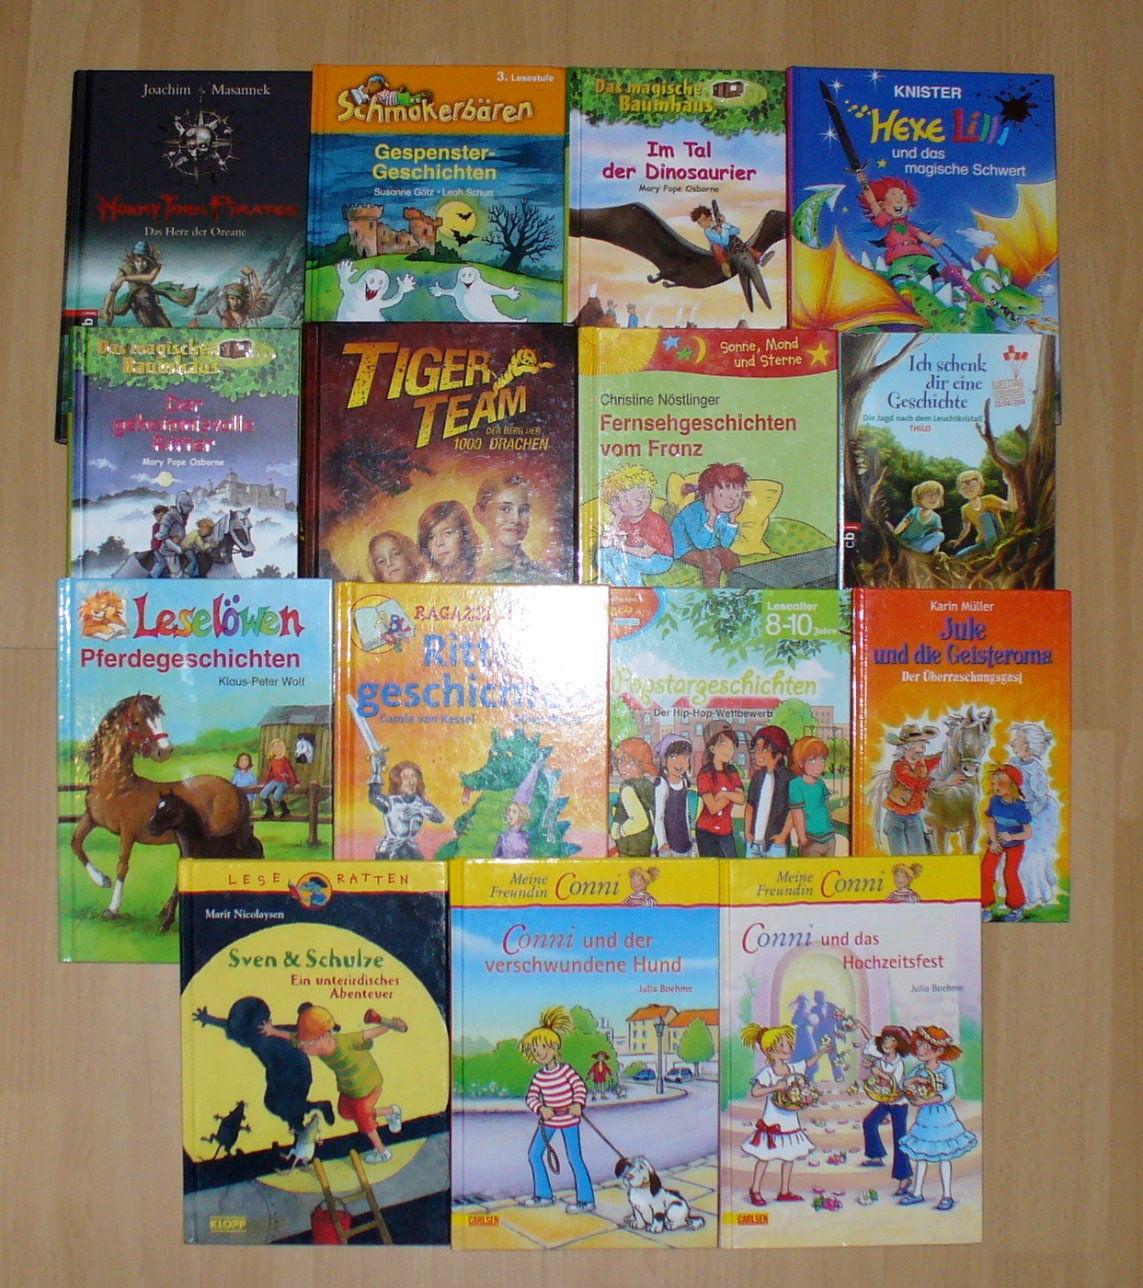 Kinderbücher ~ schöne Sammlung / Paket für Junde Leser ~ einzeln gelistet